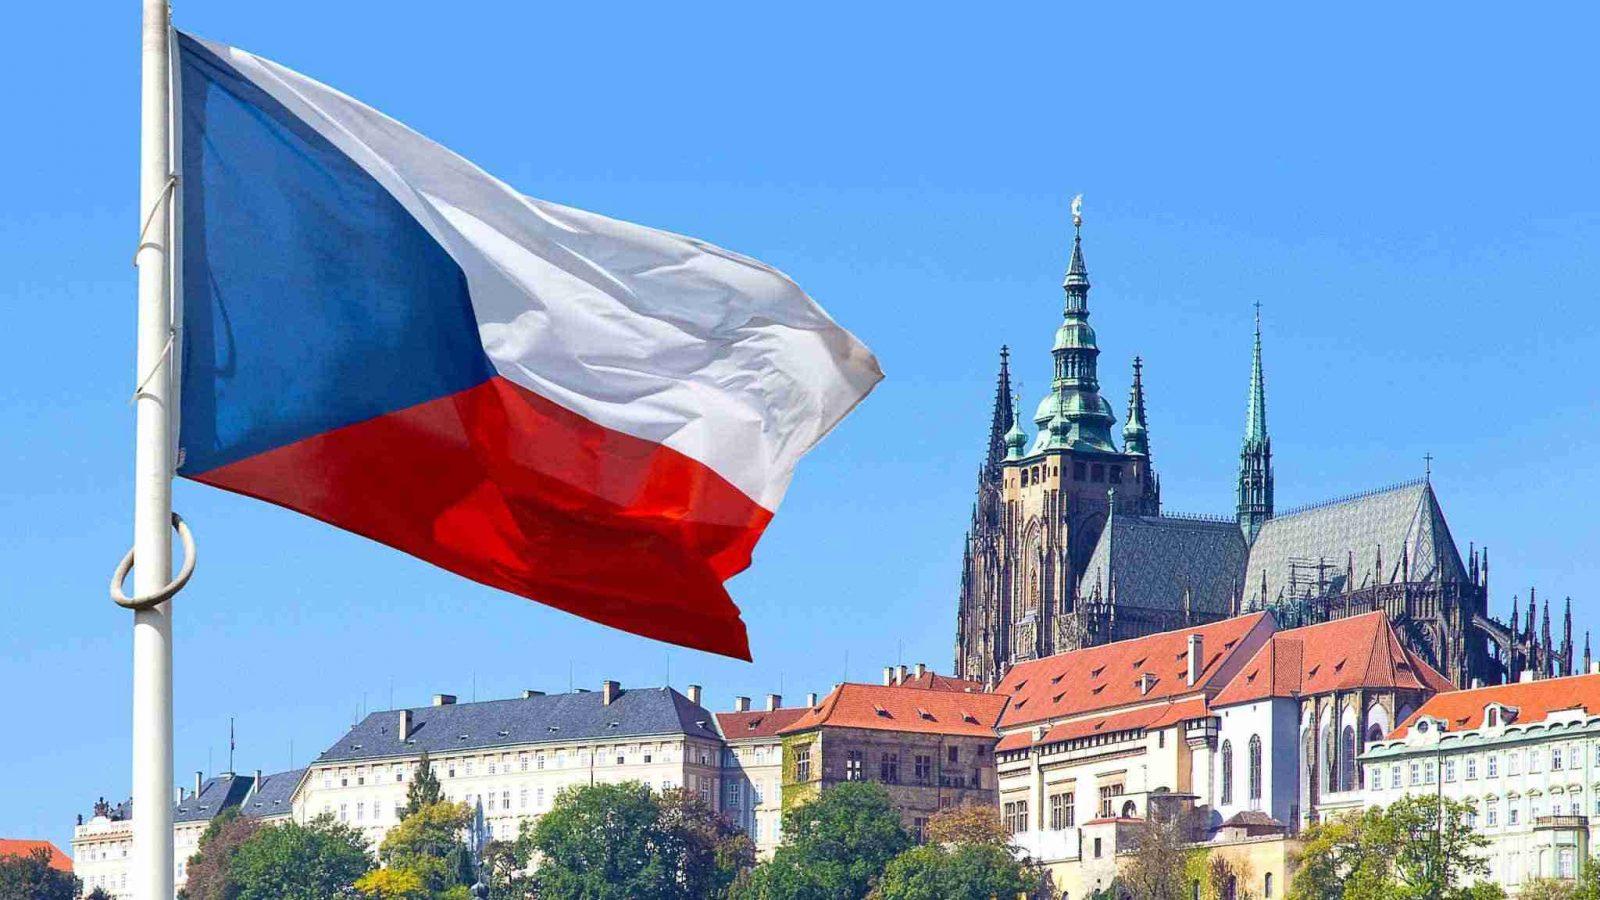 Чехія потрапила в червону зону: при в'їзді необхідна або самоізоляція, або негативний тест на коронавірус